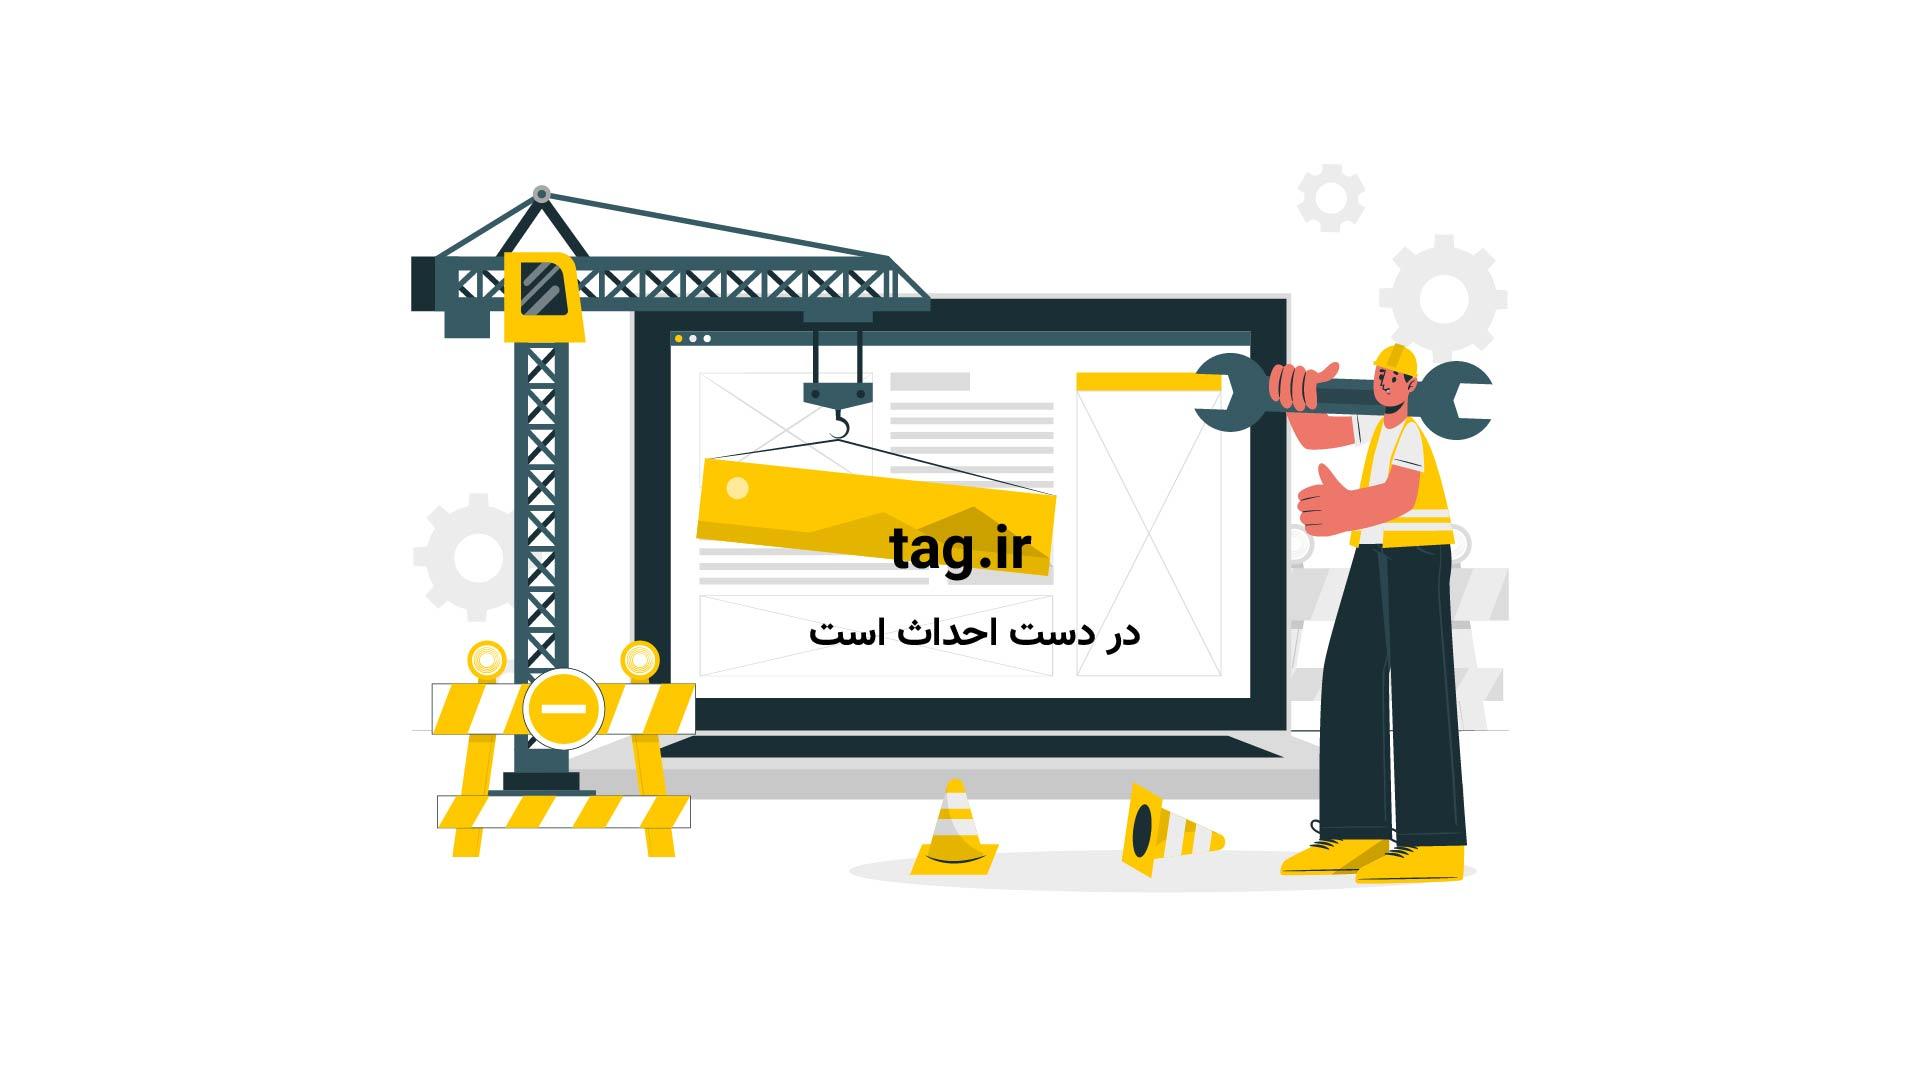 سایمون گربه کثیف   تگ